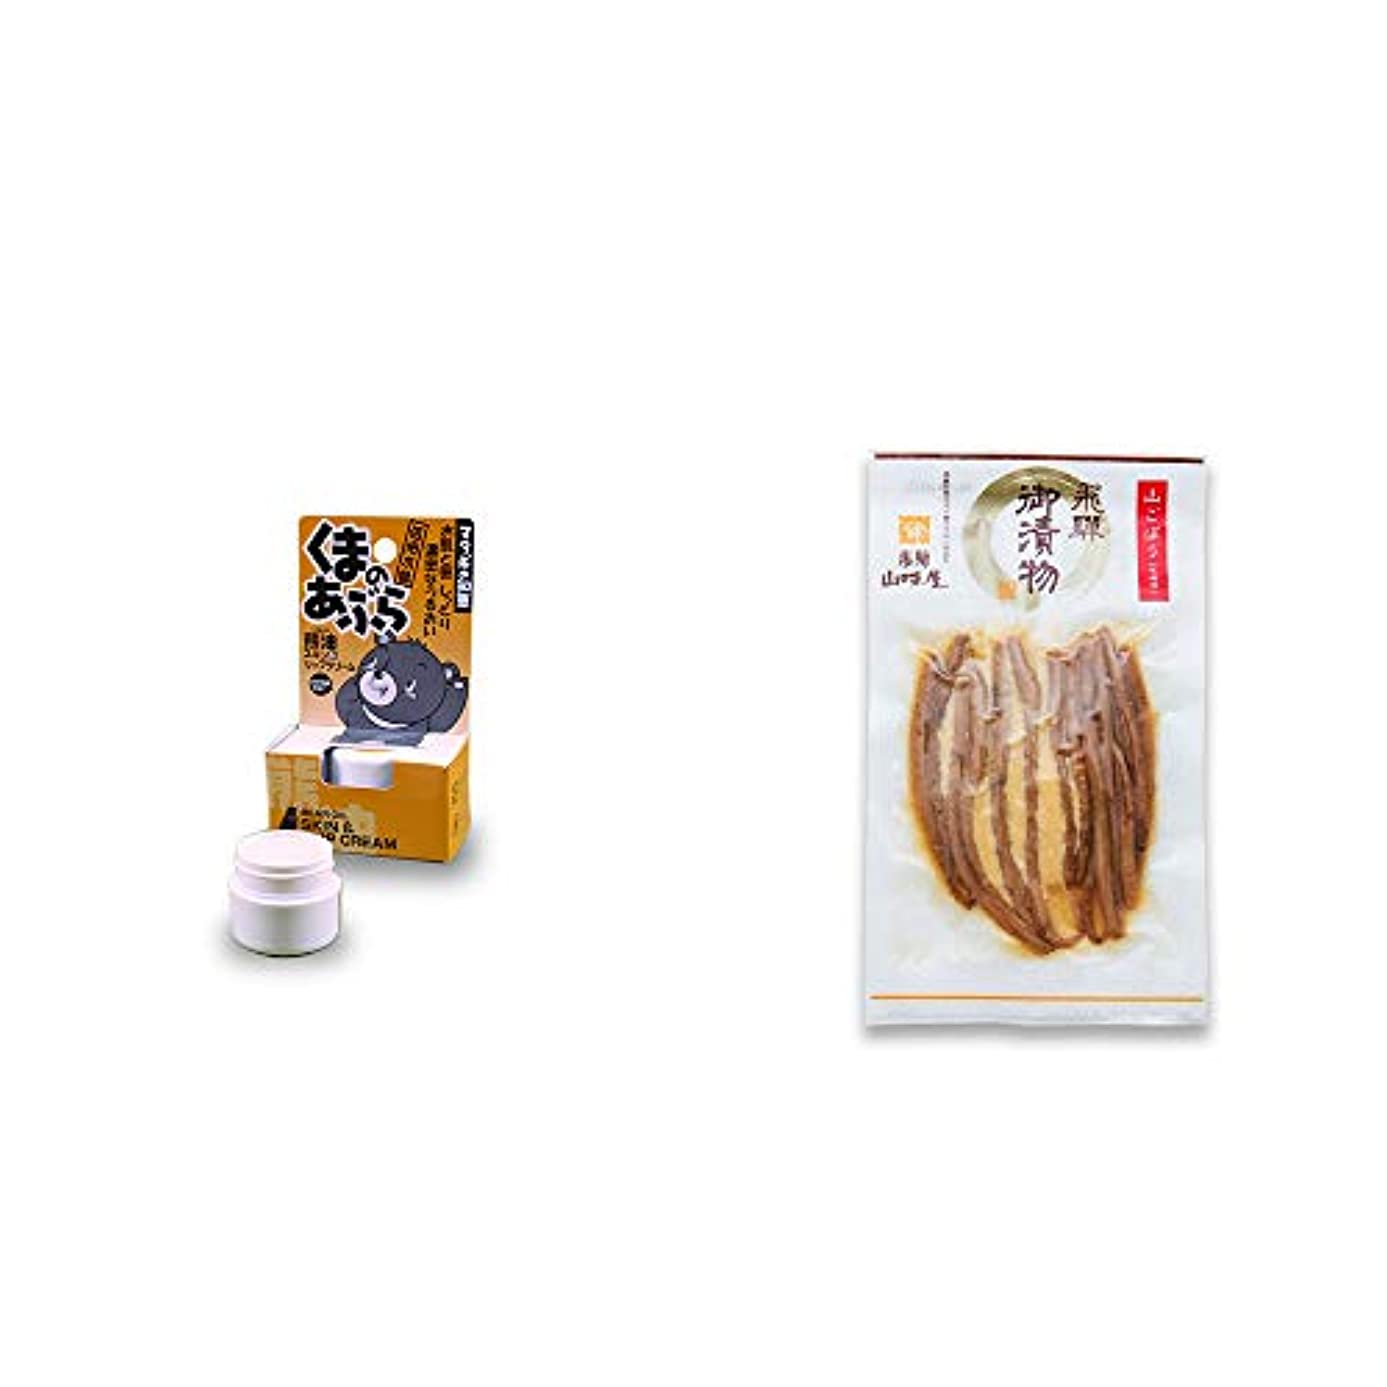 暗黙メトロポリタン後継[2点セット] 信州木曽 くまのあぶら 熊油スキン&リップクリーム(9g)?飛騨山味屋 山ごぼう味噌漬(80g)